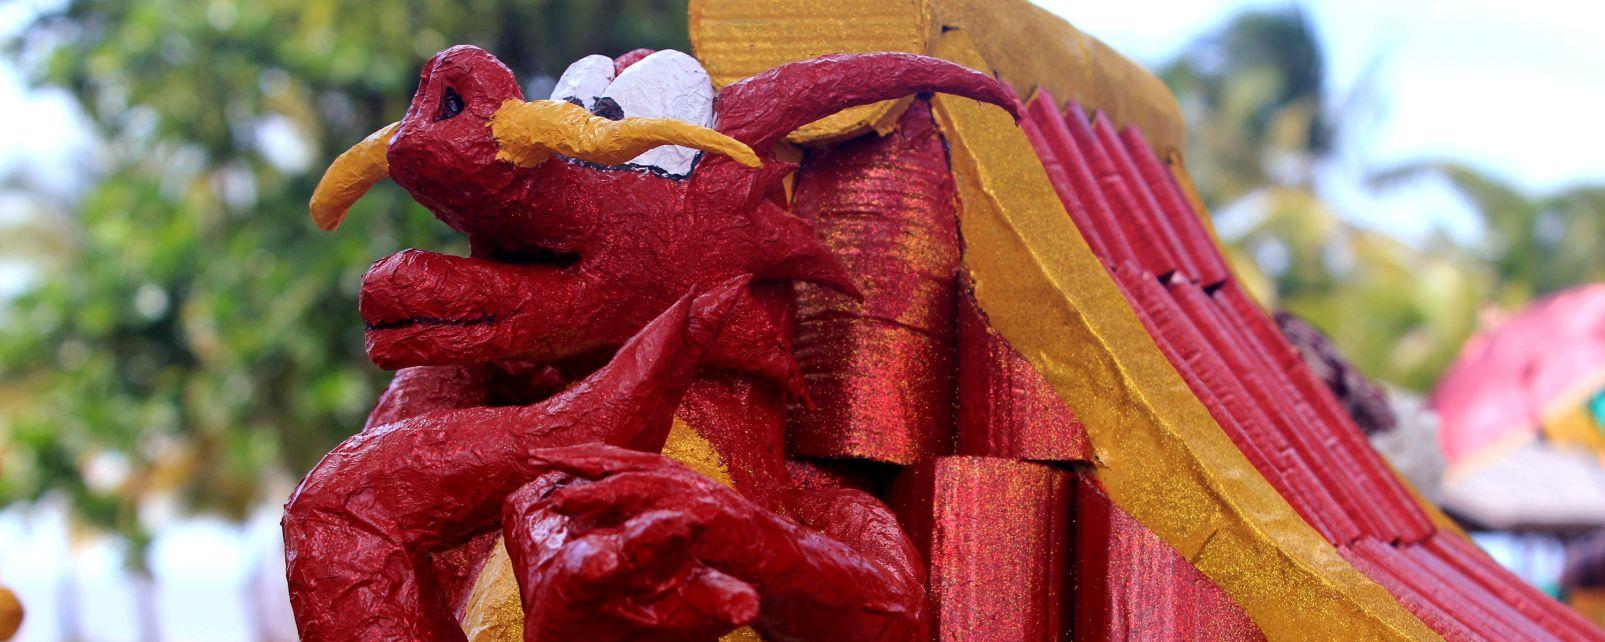 El arte guayanés, La artesanía, Arte y cultura, Guyana Francesa